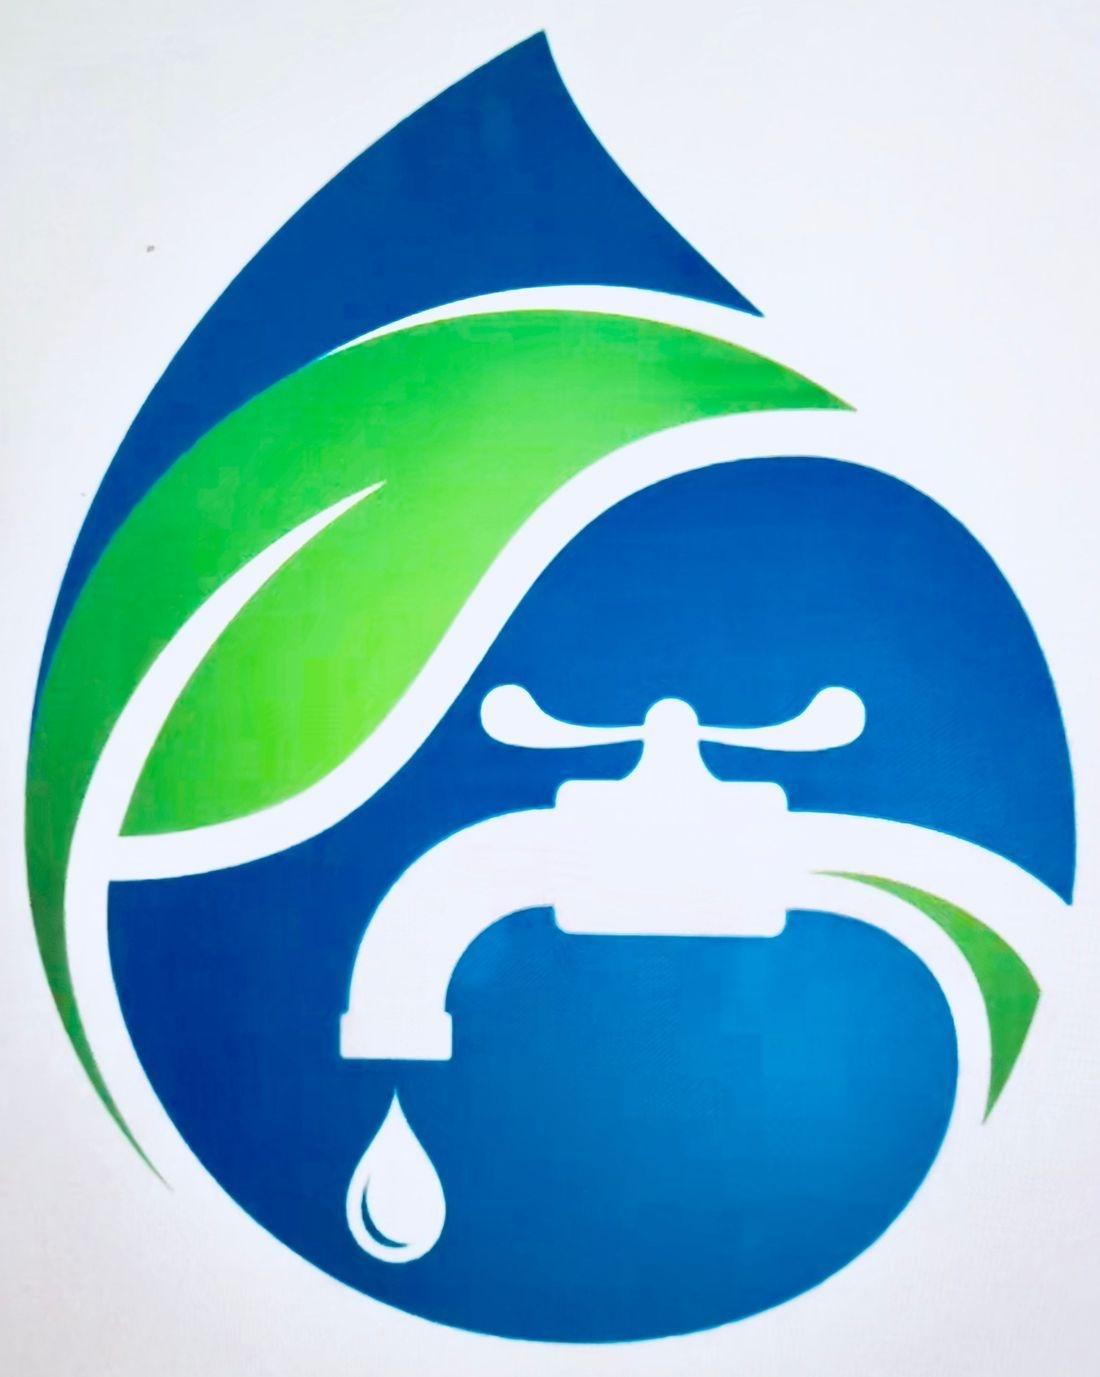 Mohr Corp Plumbing logo icon